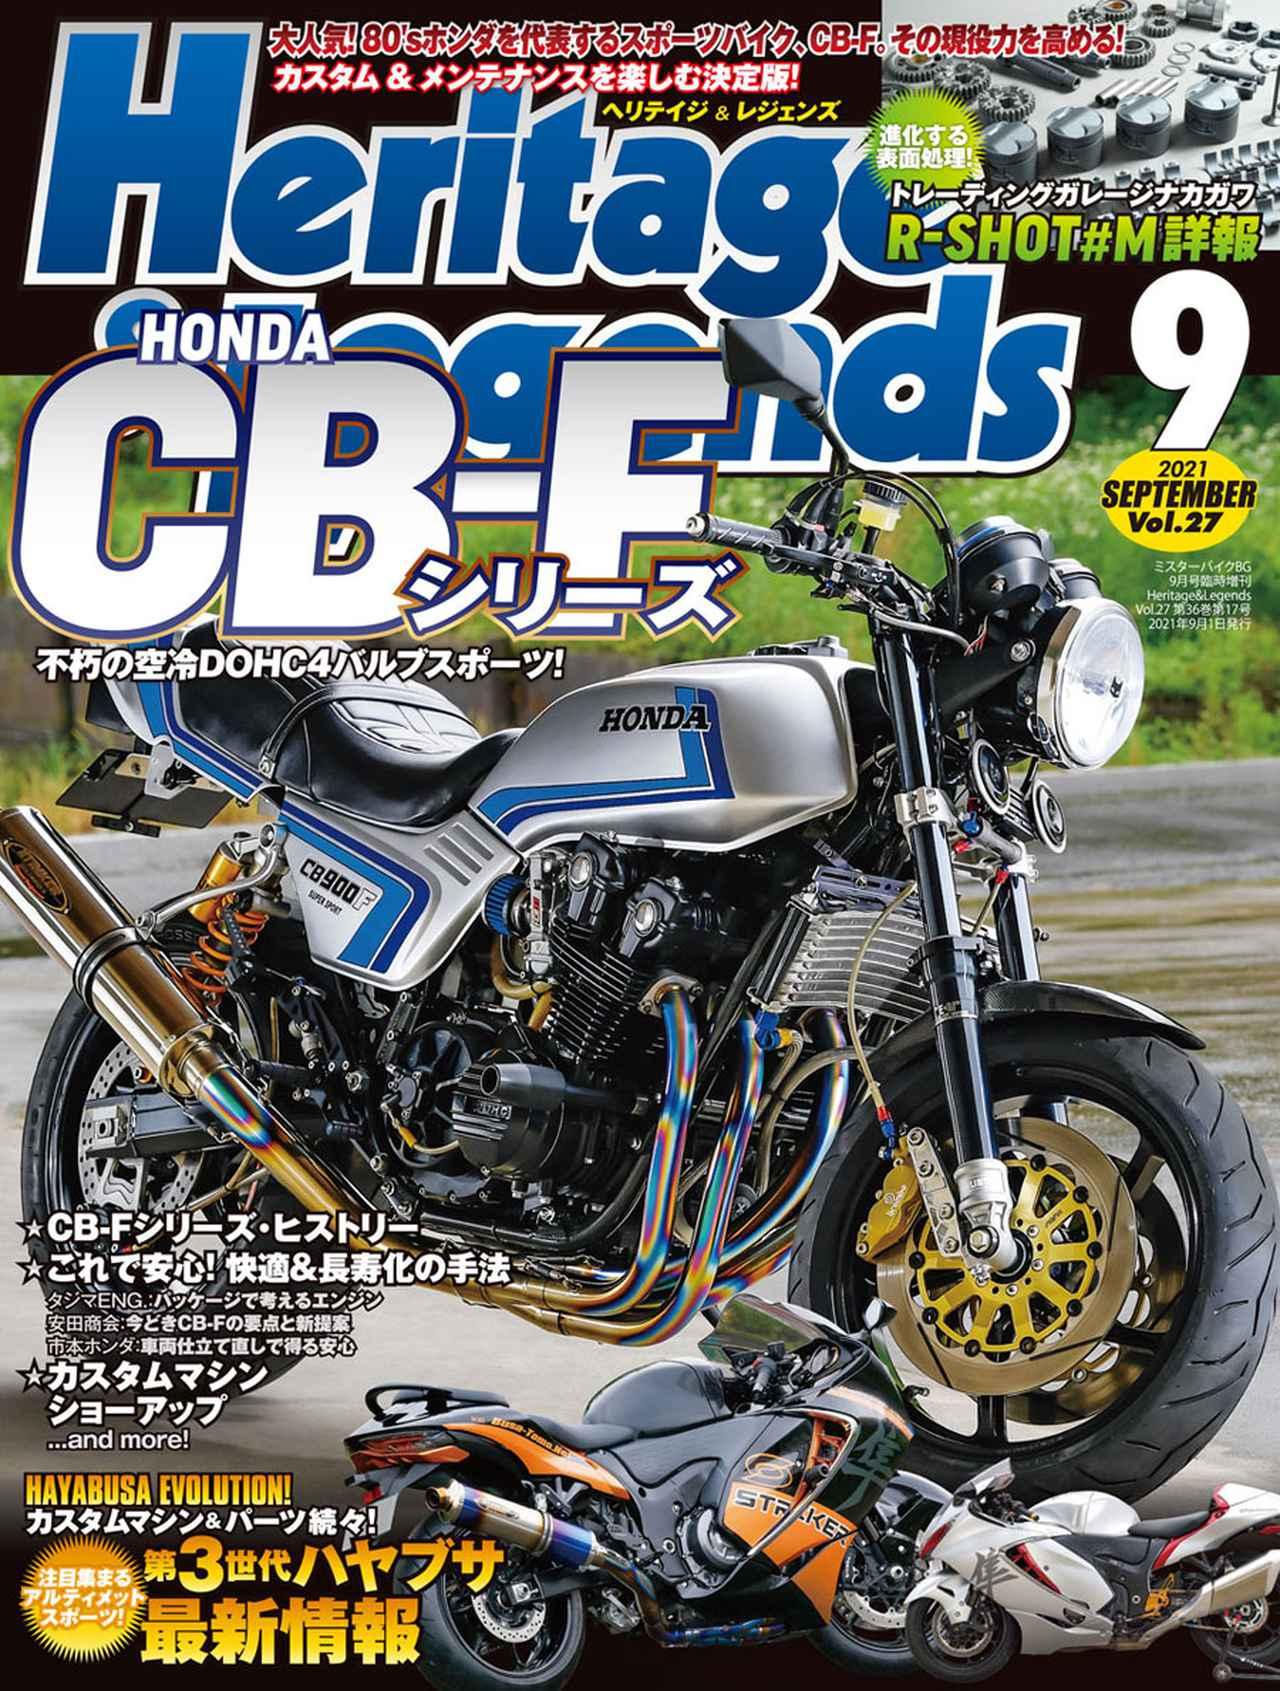 画像: 月刊ヘリテイジ&レジェンズ。2021年9月号(Vol.27)はいつもより1日遅い7月28日(水)の発売です!   ヘリテイジ&レジェンズ Heritage& Legends